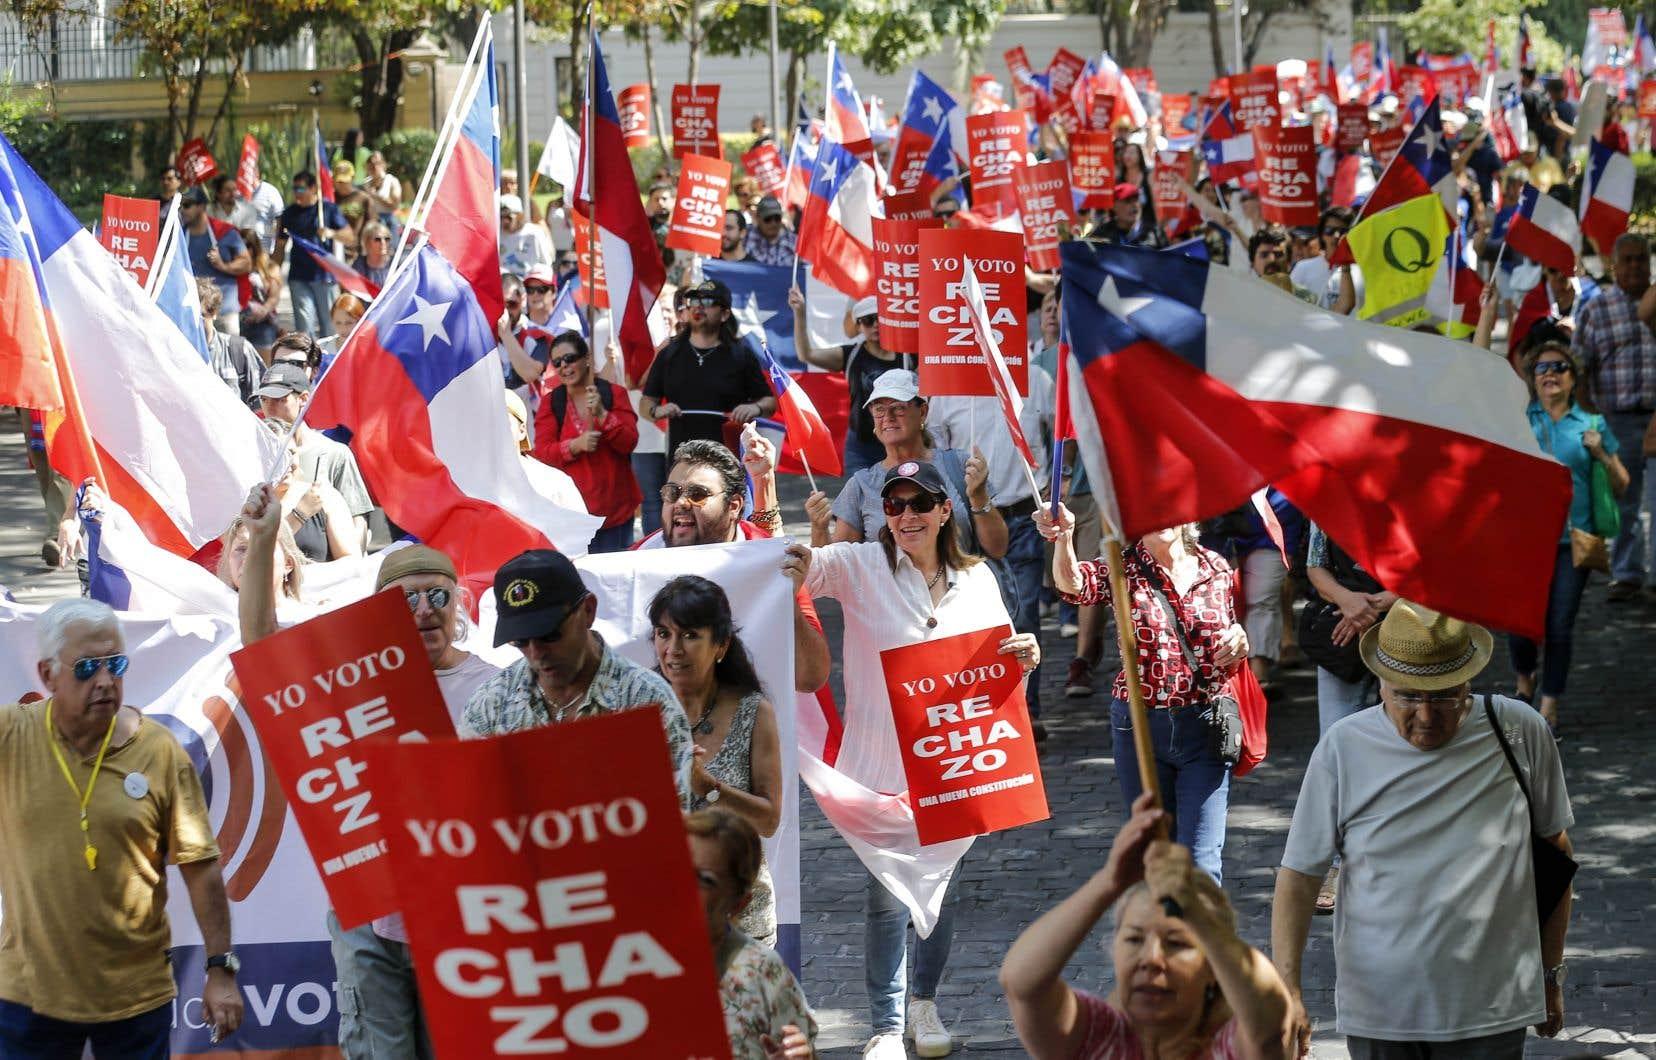 Ils étaient plus d'un millier à se rassembler devant l'École militaire pour défendre le maintien de l'actuelle Constitution. Les participants ont manifesté pacifiquement en portant des banderoles frappées du mot «rejet» (rechazo), en brandissant des drapeaux chiliens et en scandant des slogans hostiles à la gauche.